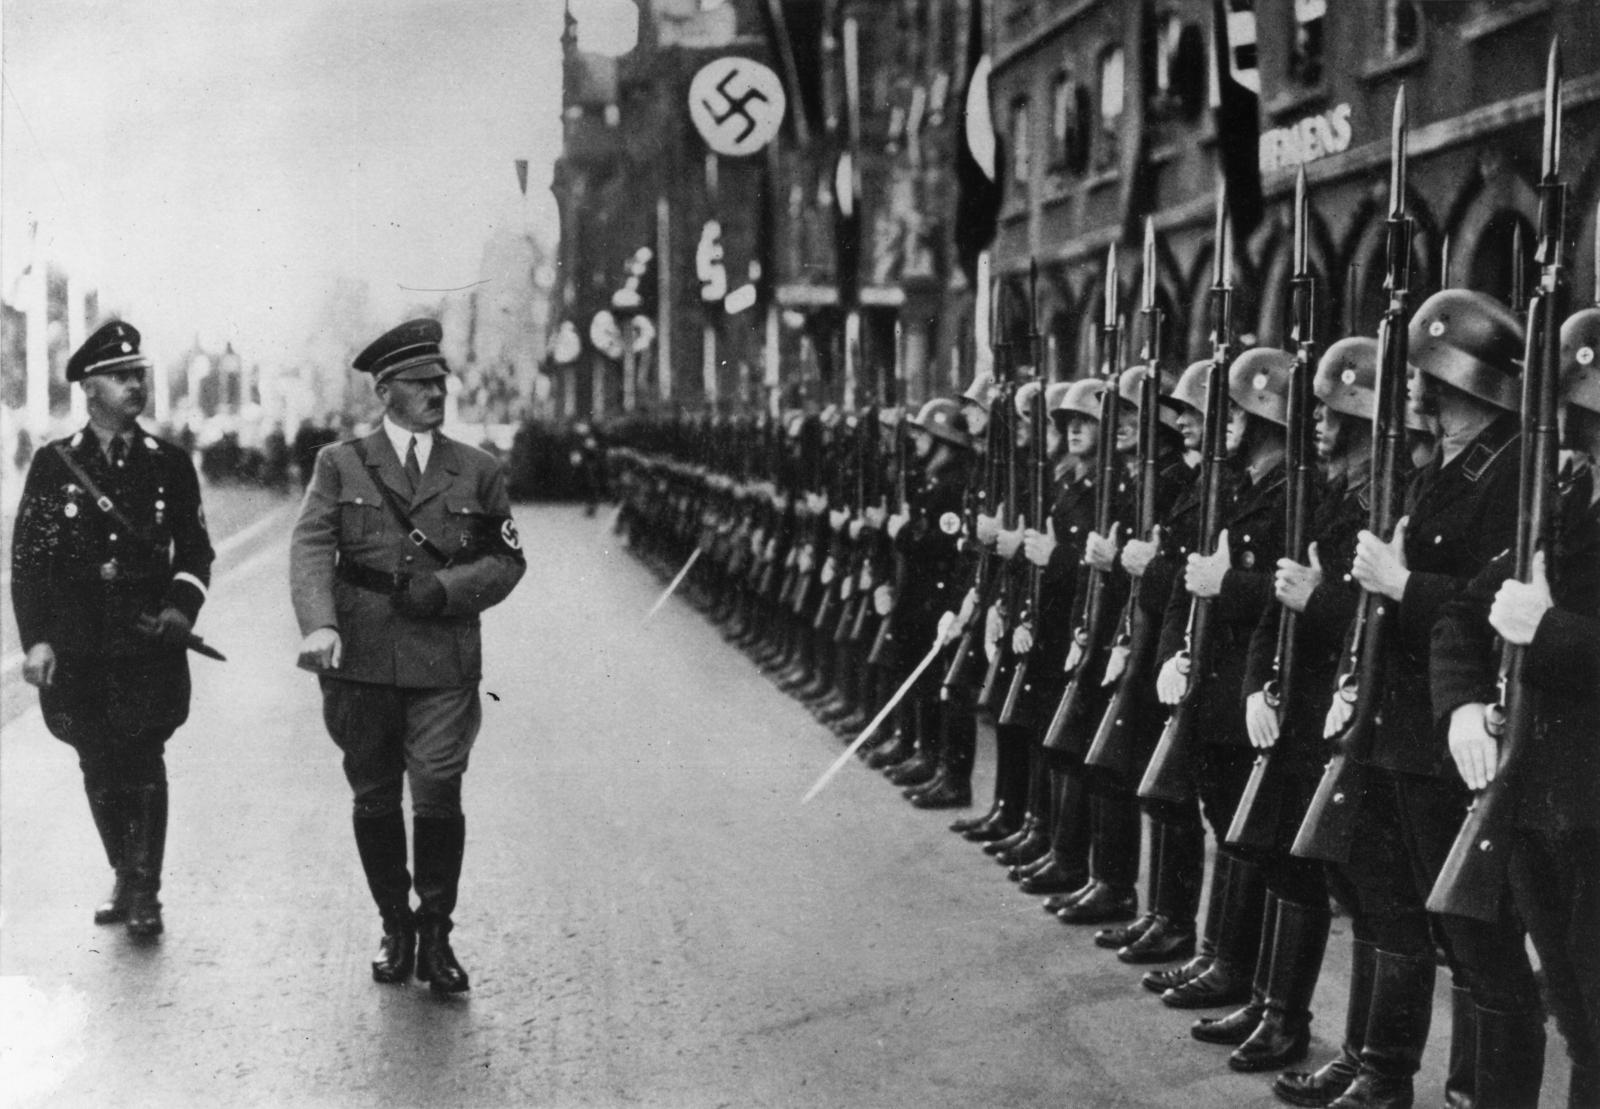 Himmler and Hitler